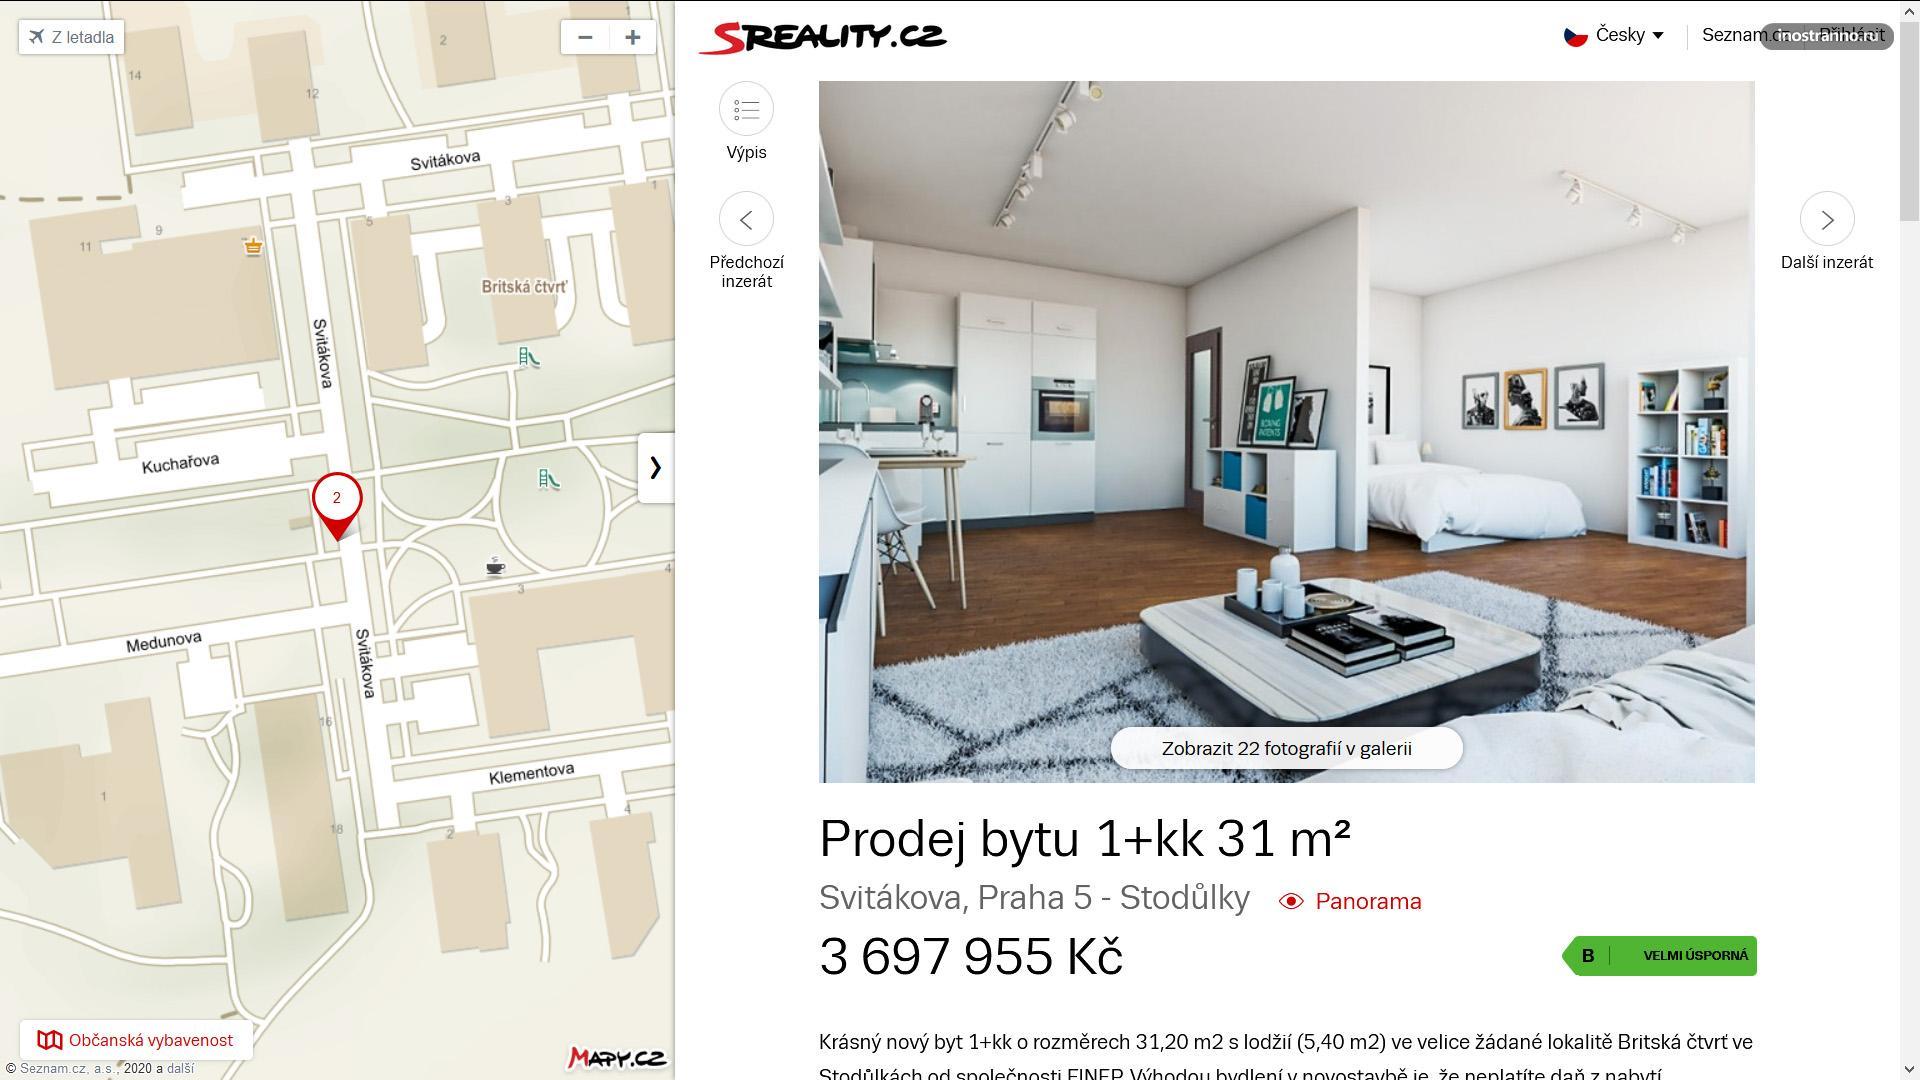 Однокомнатная квартира в новостройке в Праге